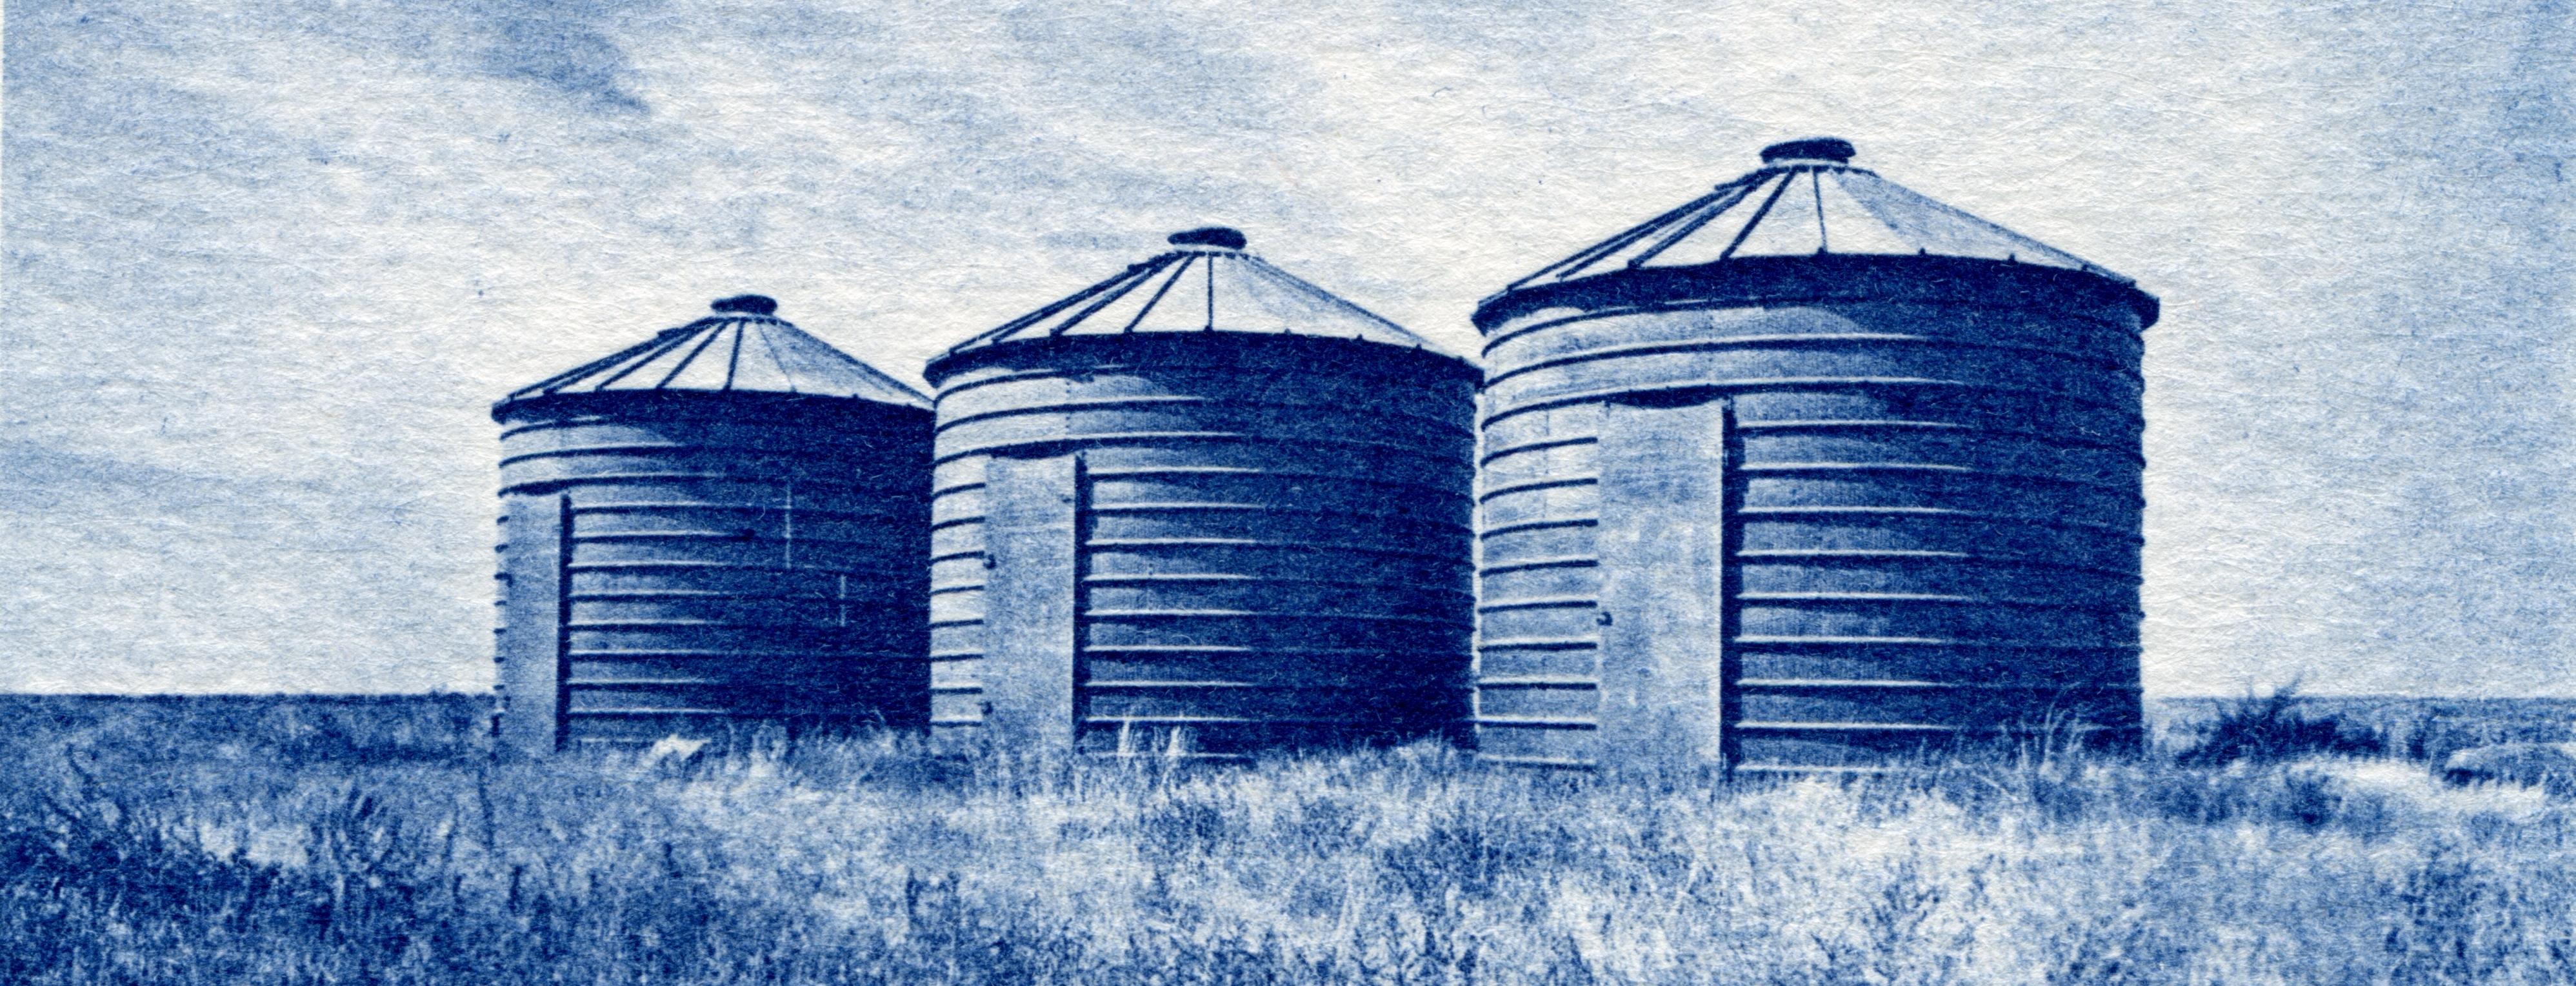 webster_three-silos